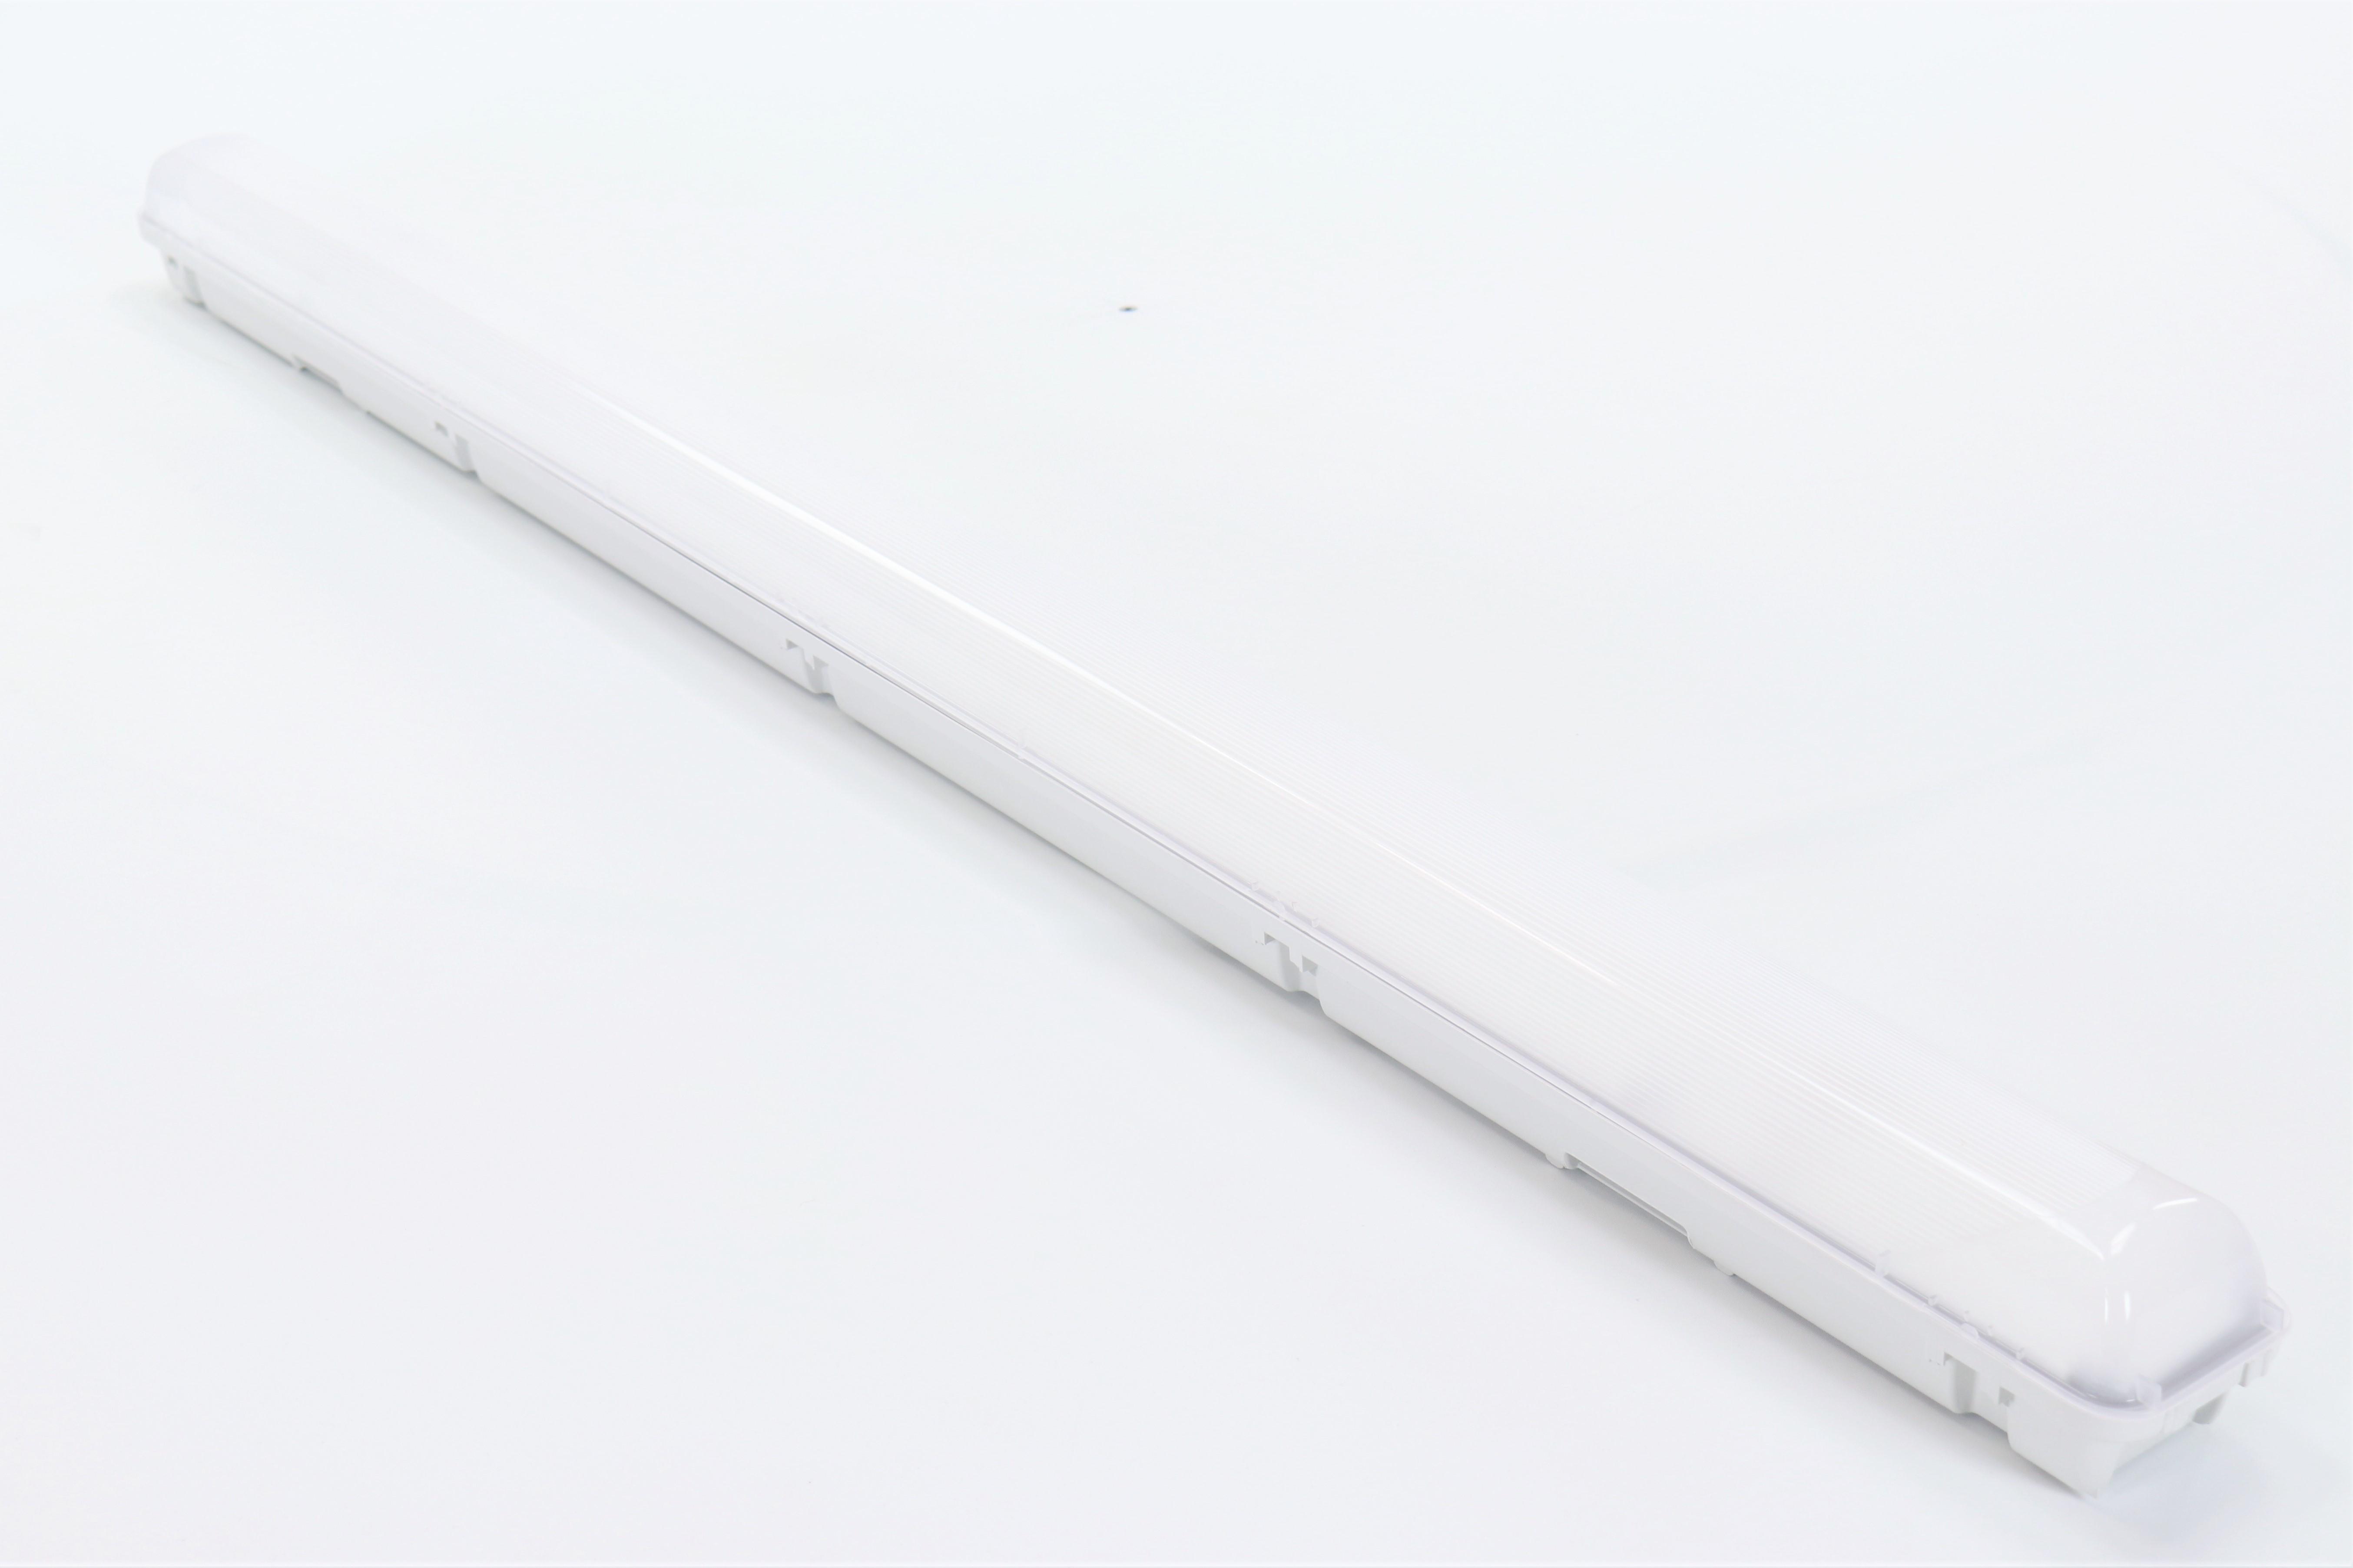 ZALUX LED-Feuchtraumleuchte Oleveon 1500 LED6000-840 ET PMMA TWS